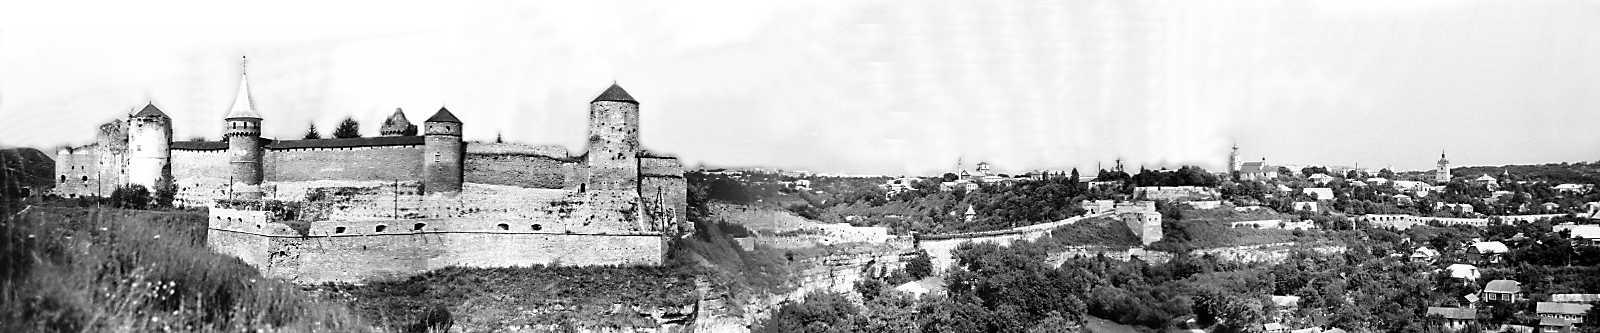 1989 р. Панорама Старого замку і Старого міста з півдня